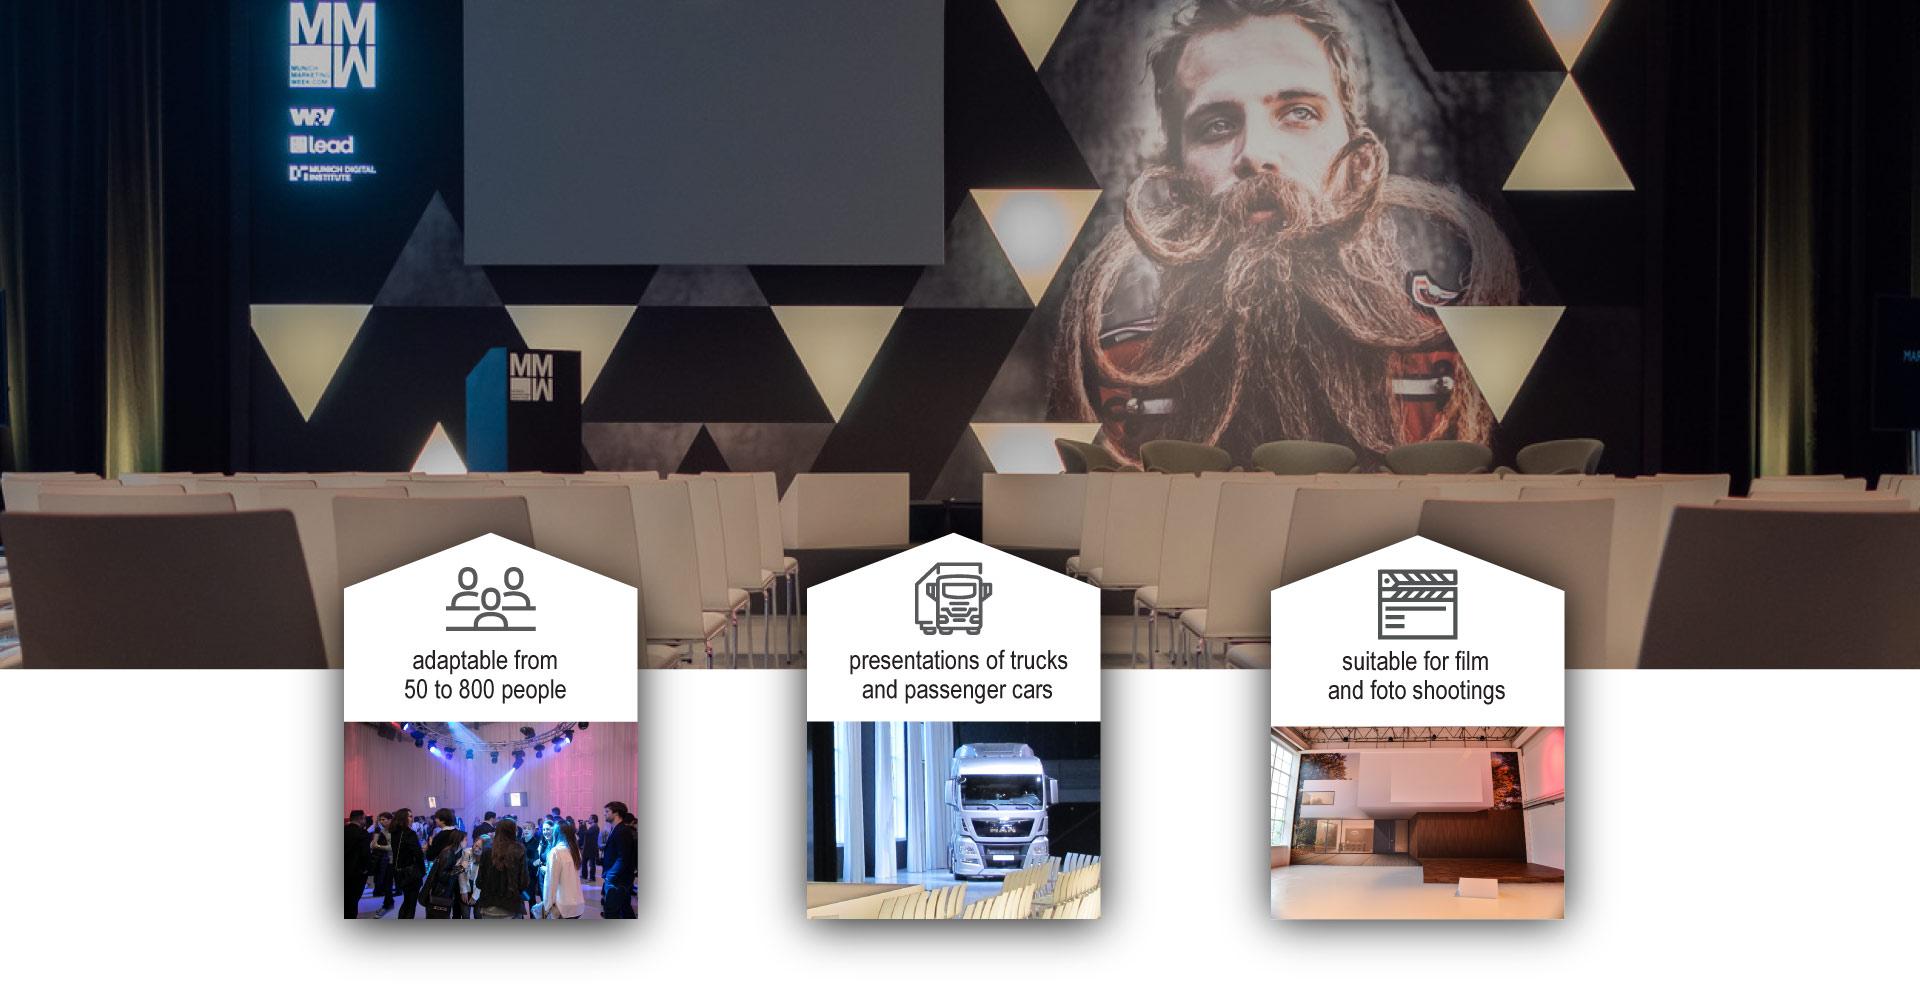 ziegelei101 innenansicht Loft 7 presentation stage event kick off truck shooting setting